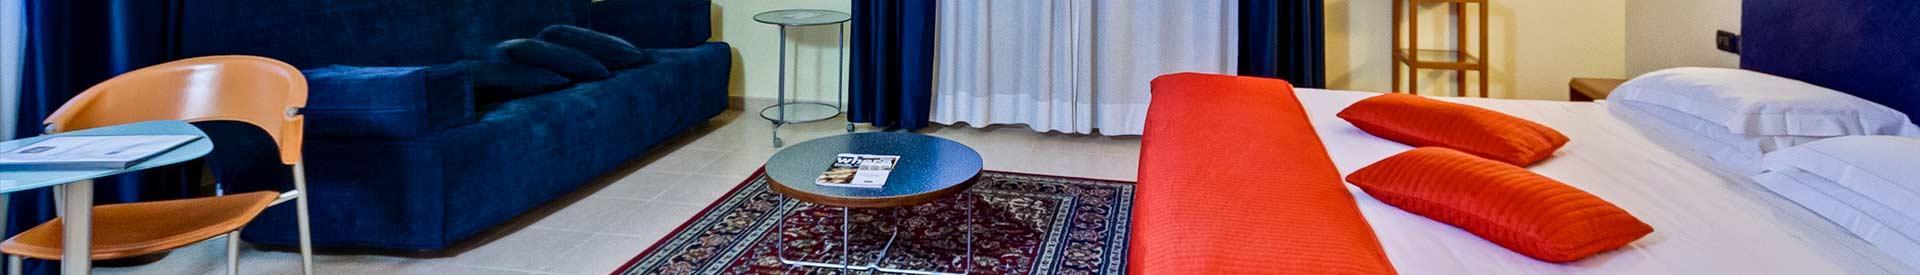 Camere Blu Hotel Roma Tiburtina - BW Blu Hotel Official Site